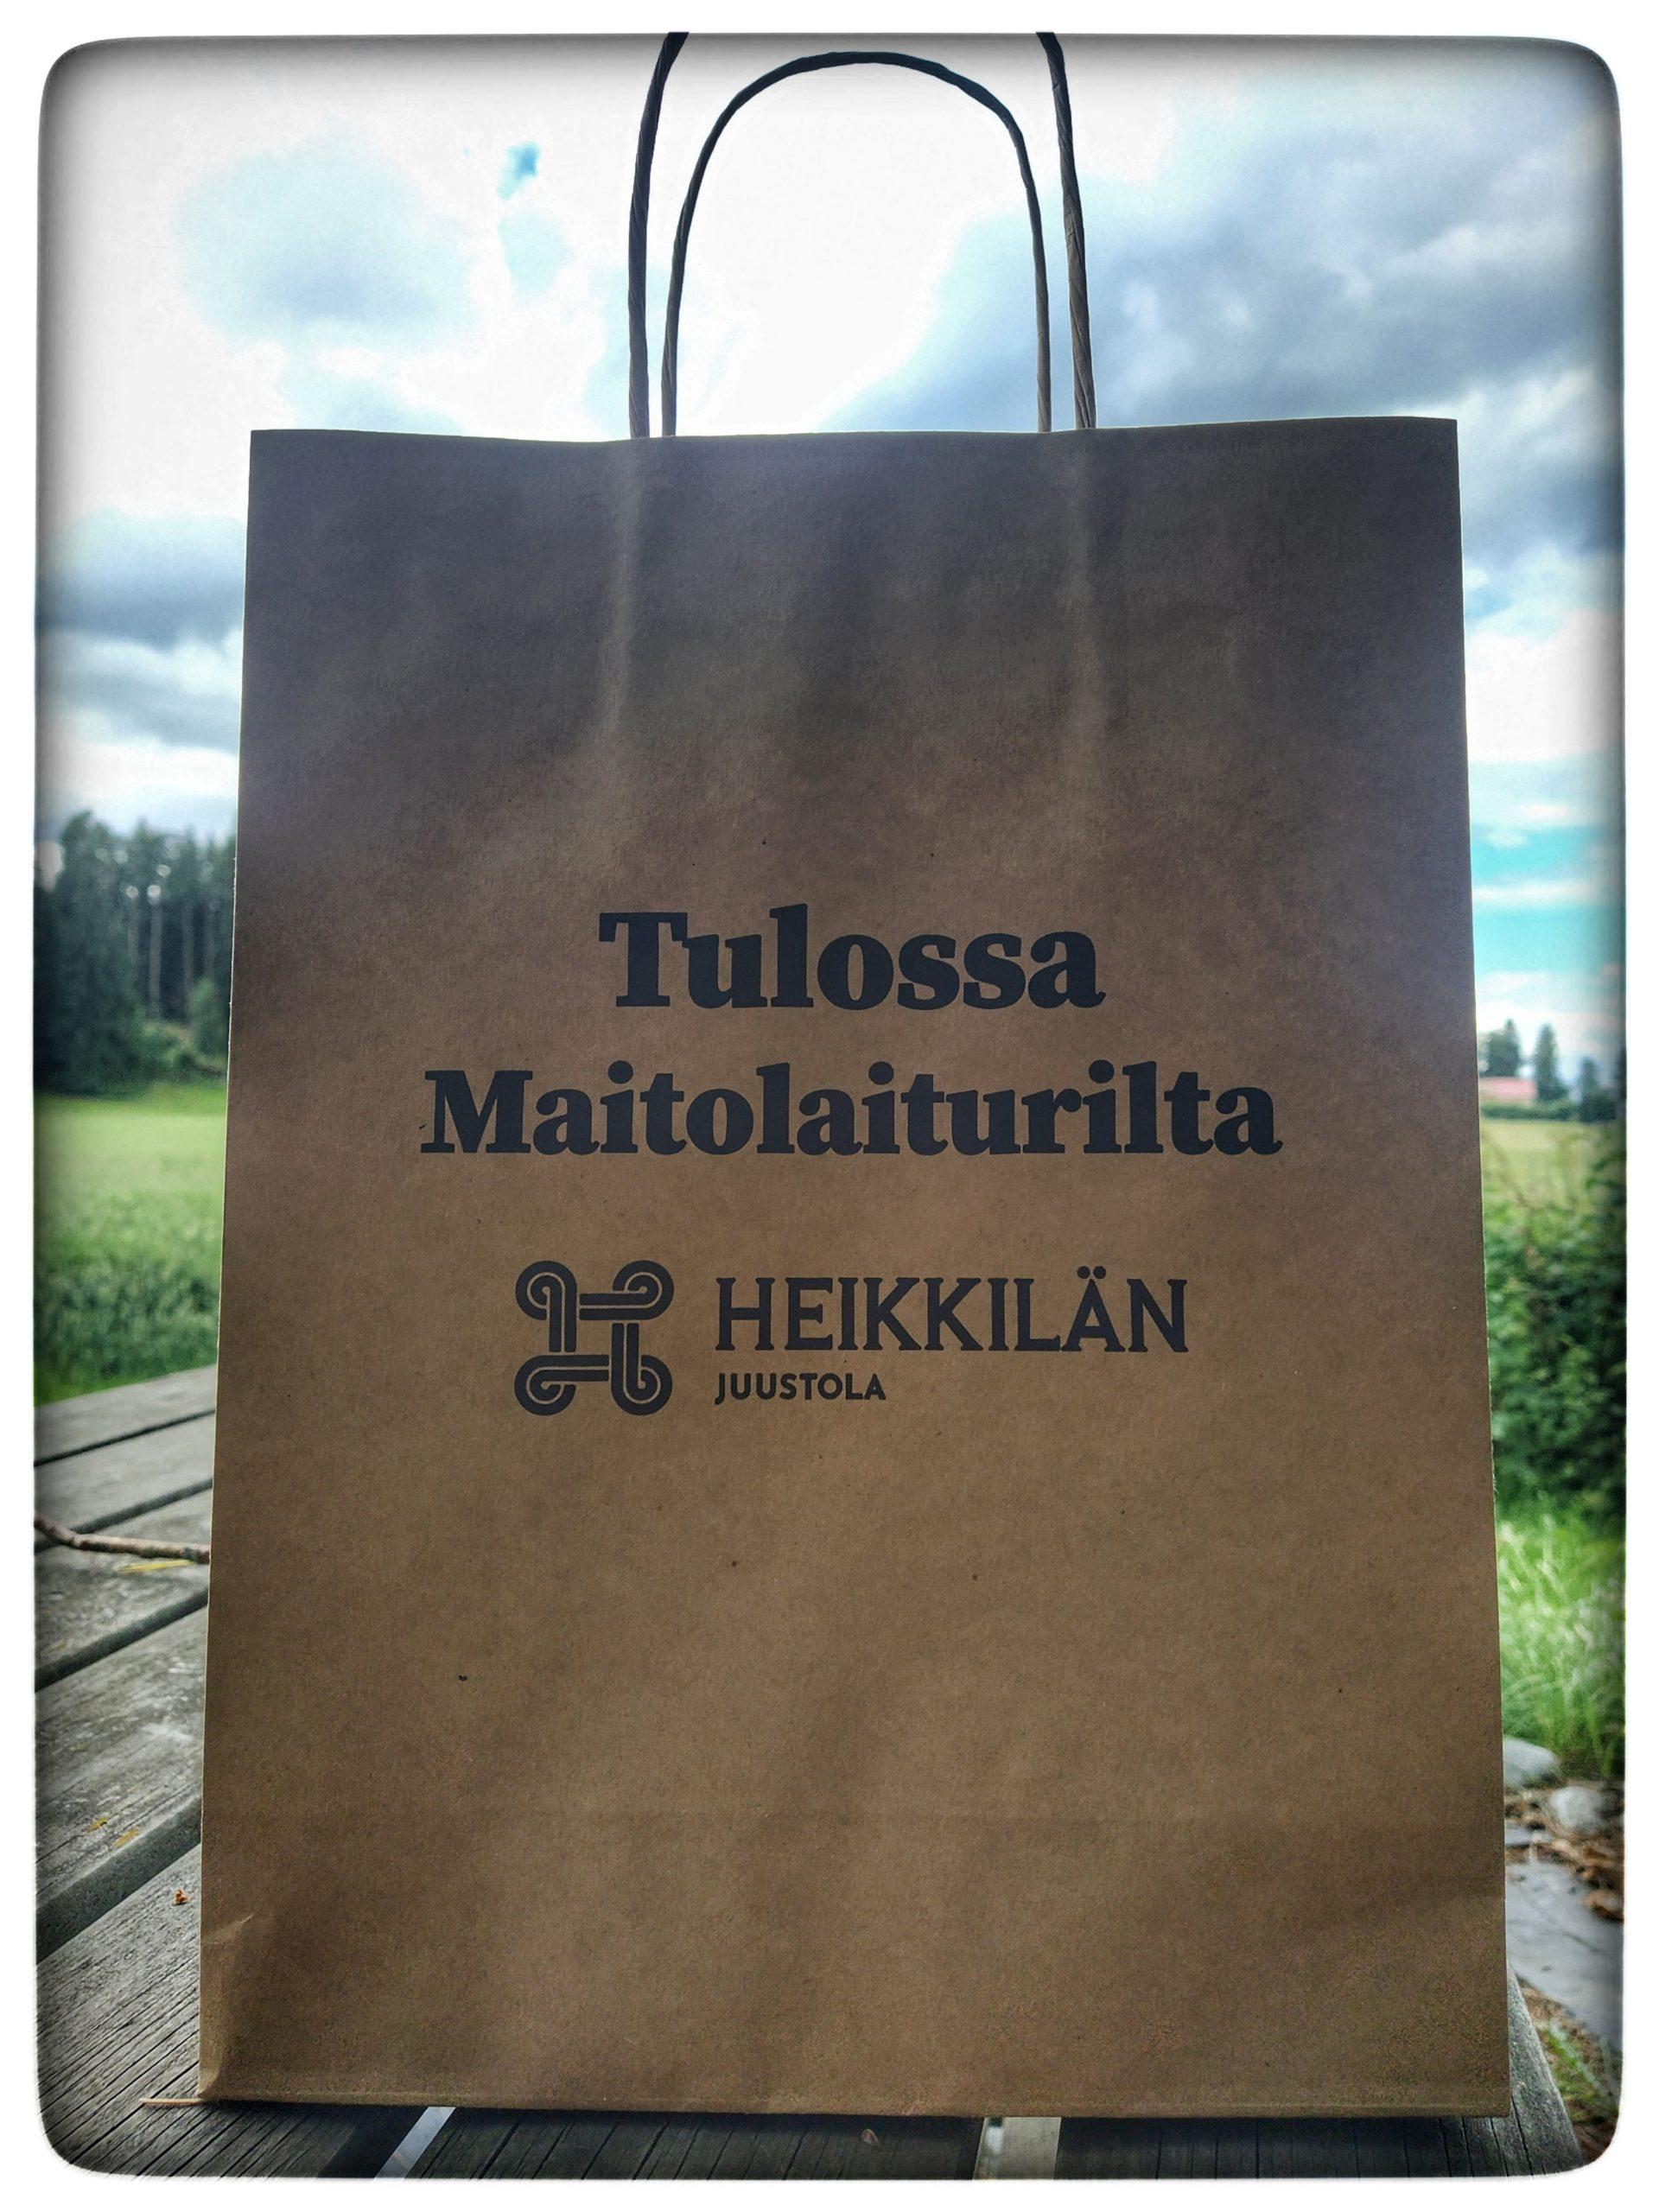 Heikkilän Juustola